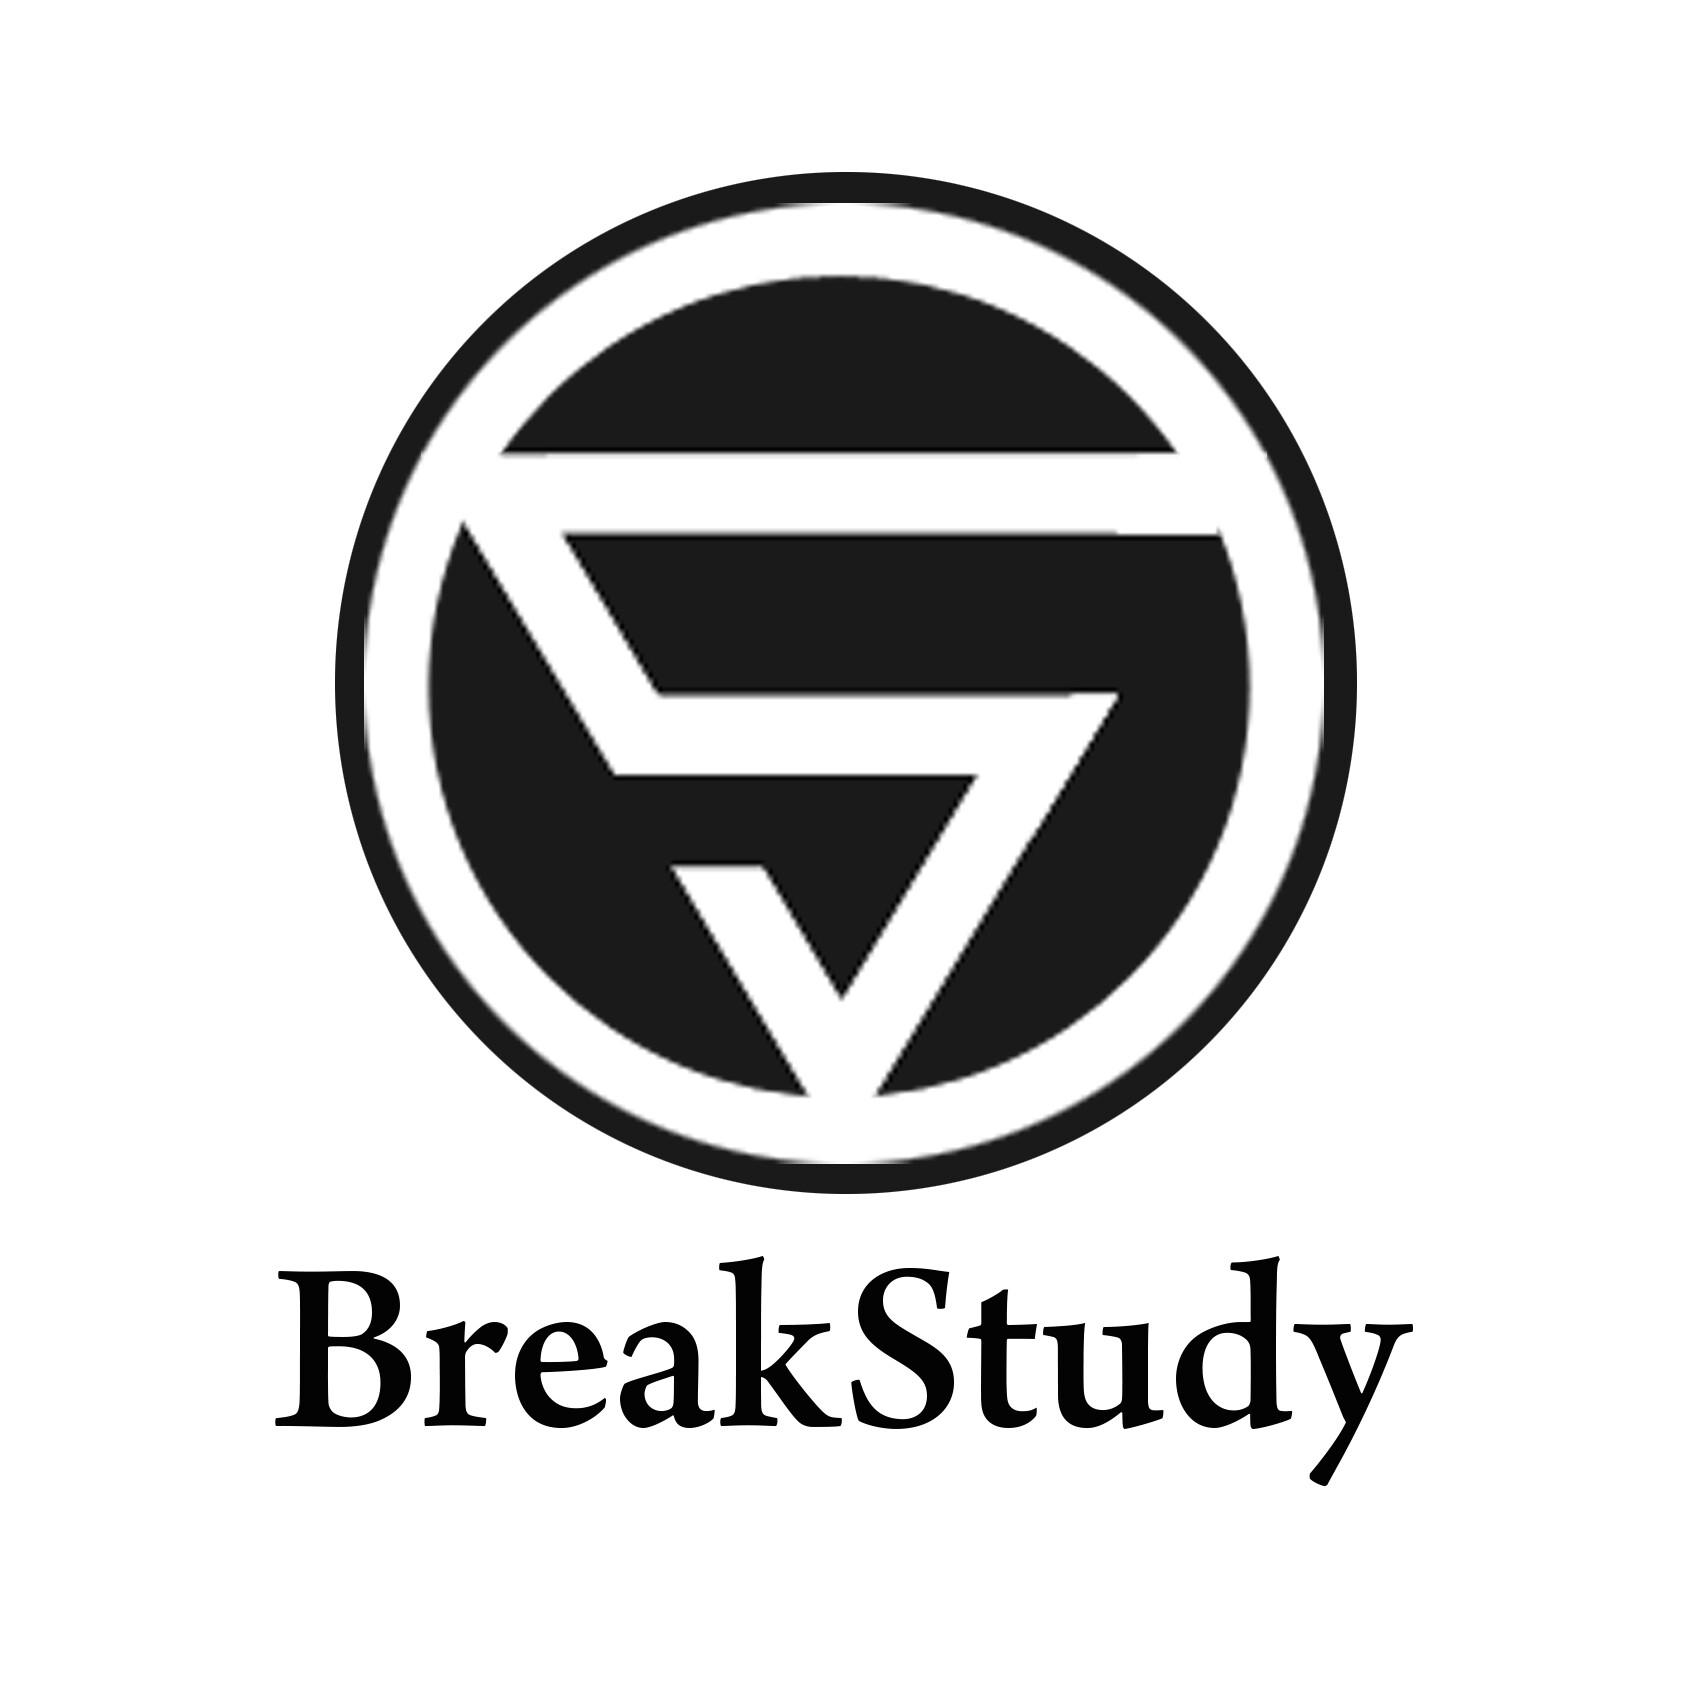 BreakStudy